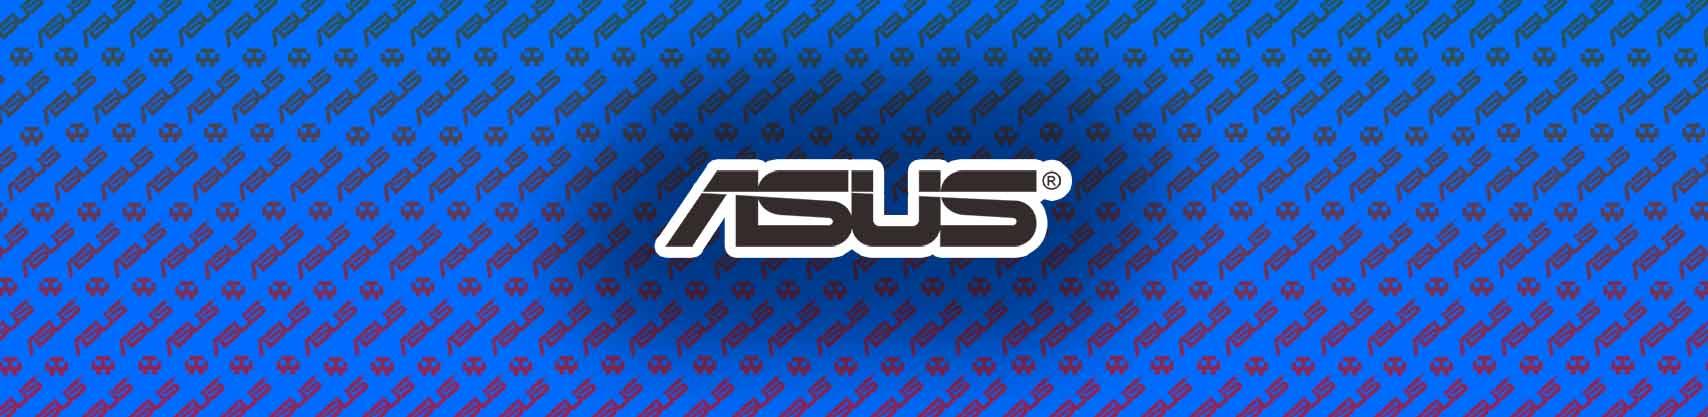 Asus TUF Z270 Mark 1 Manual